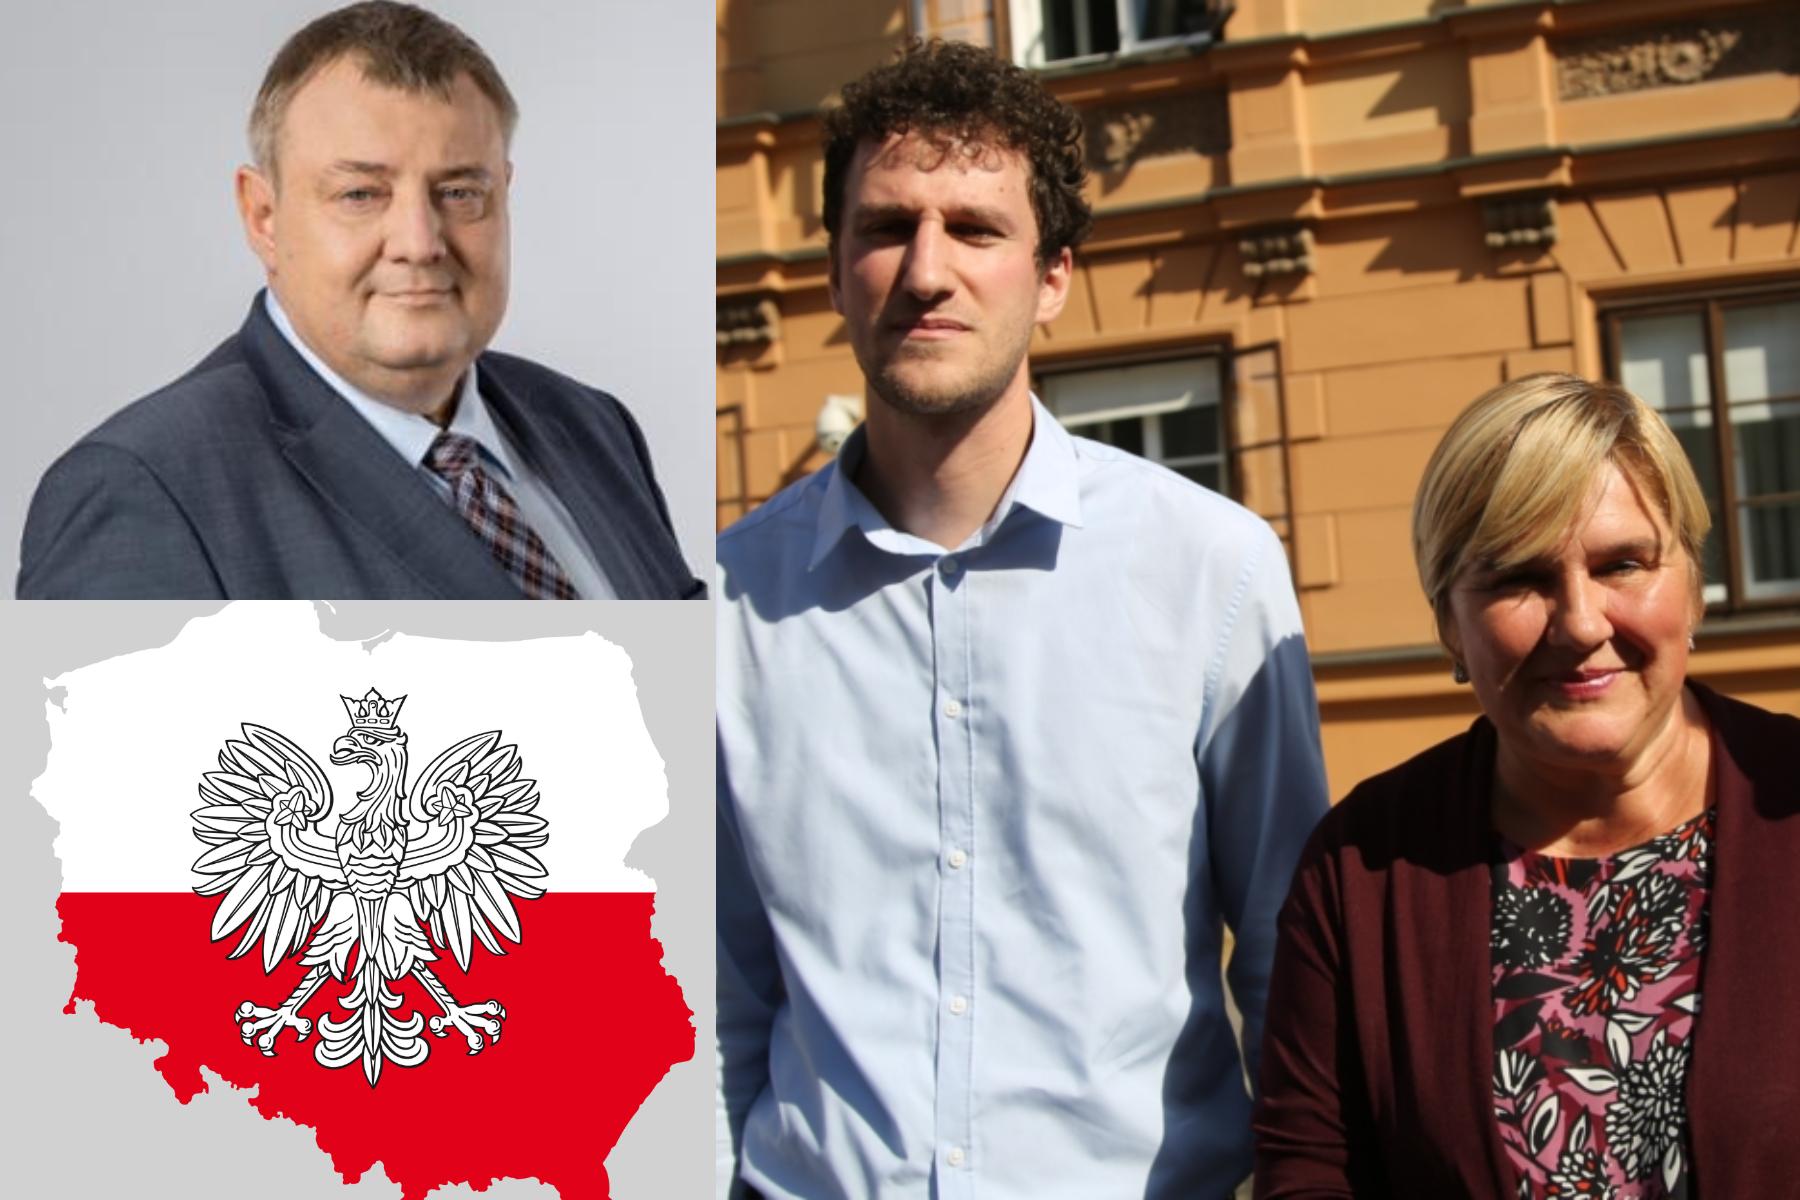 UIO uputila pismo podrške veleposlaniku Poljske: Hvala vam što ustrajno branite pravo na život svakog čovjeka!